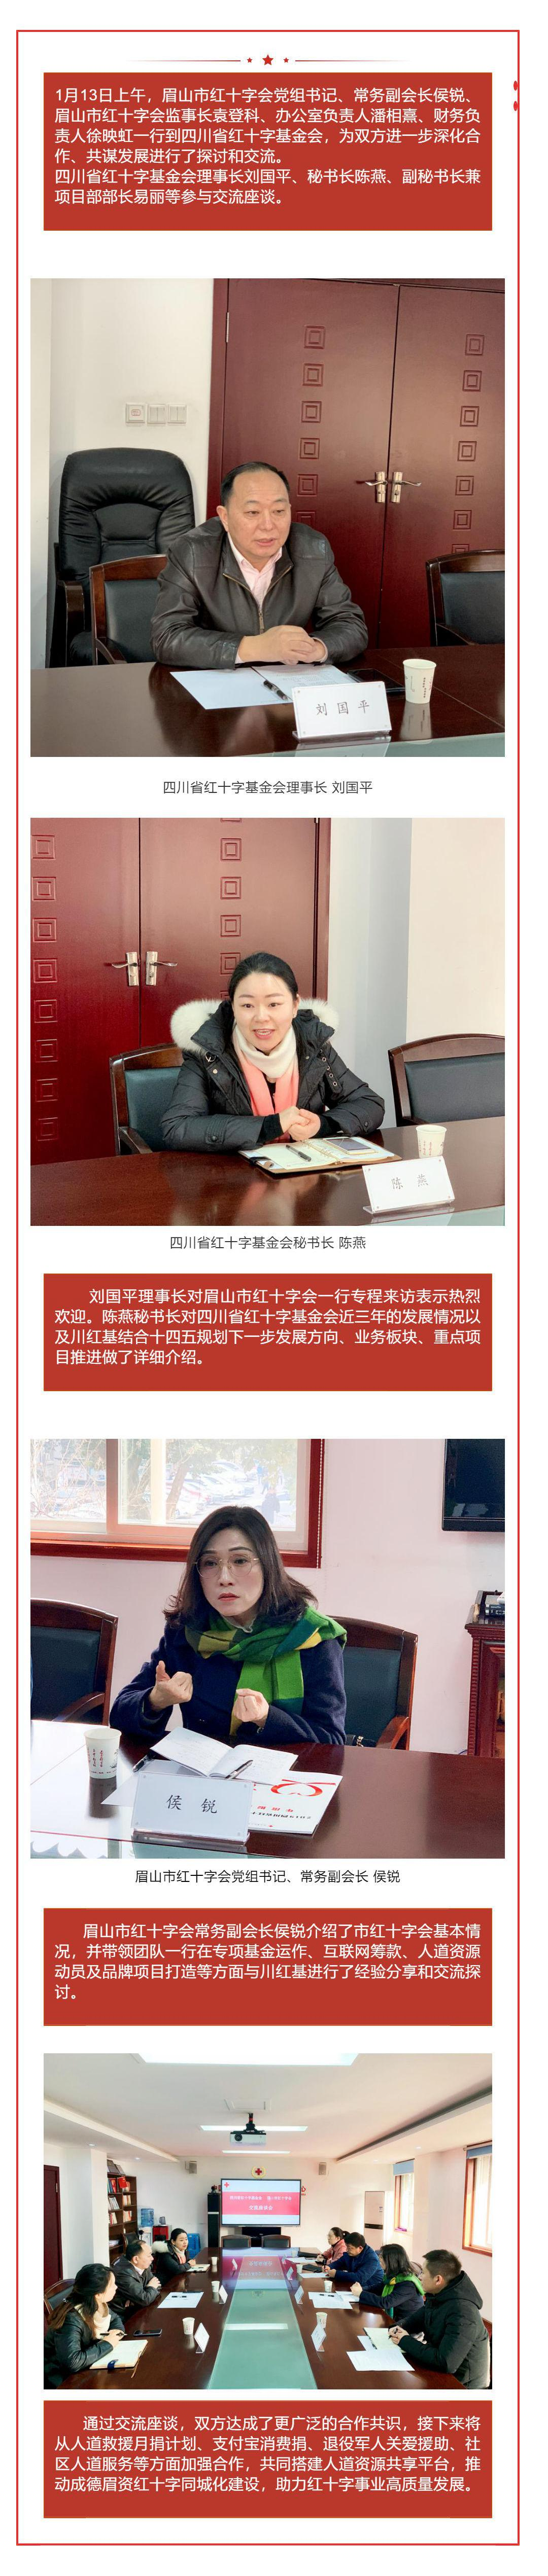 深切协作、同谋成长!四川省红十字基金会与眉山市红十字会展开交换漫谈会.jpg